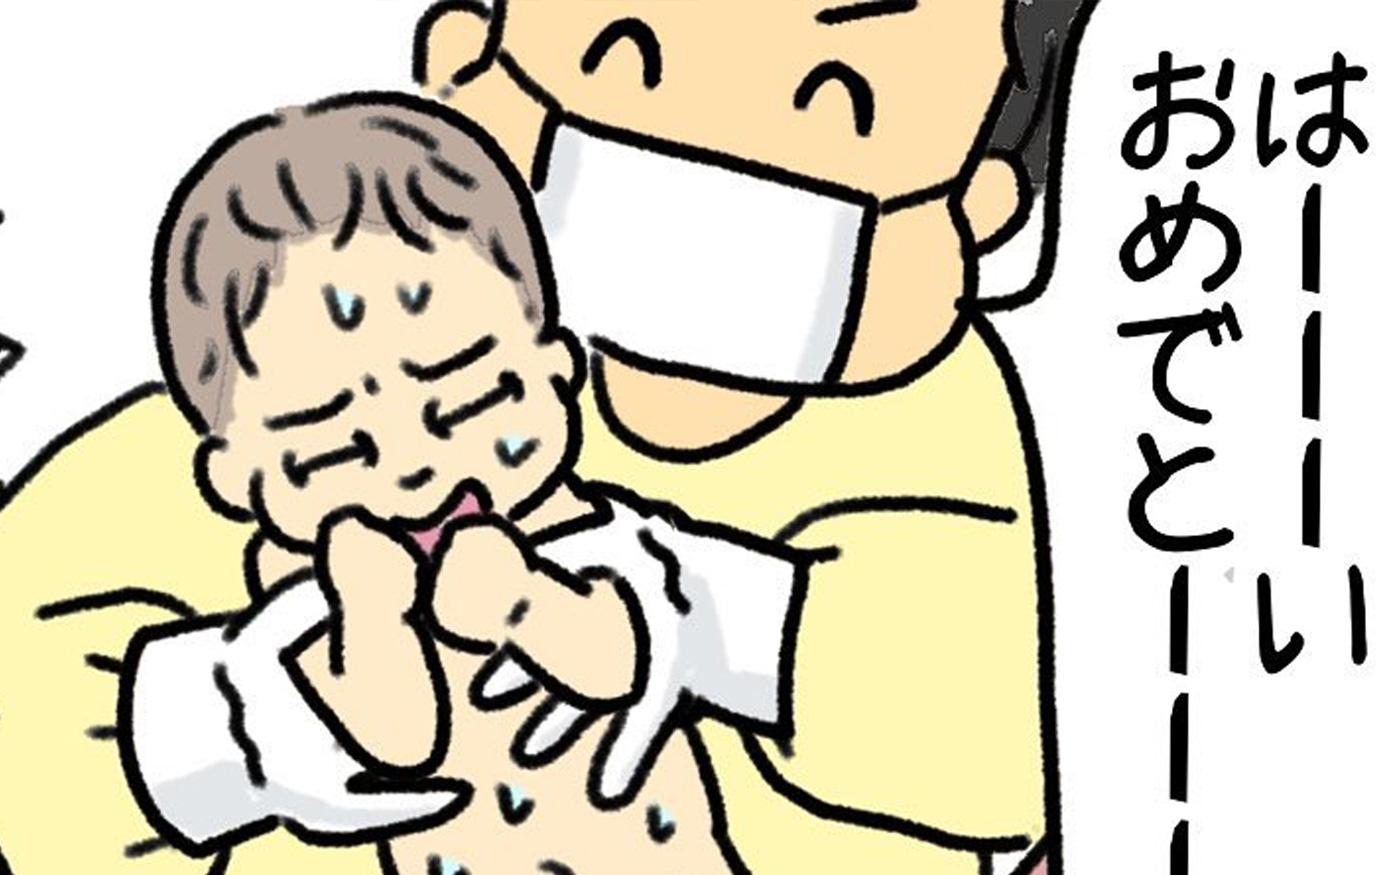 分娩台に移動後スピード出産! へその緒を切る夫の目には衝撃の光景が…